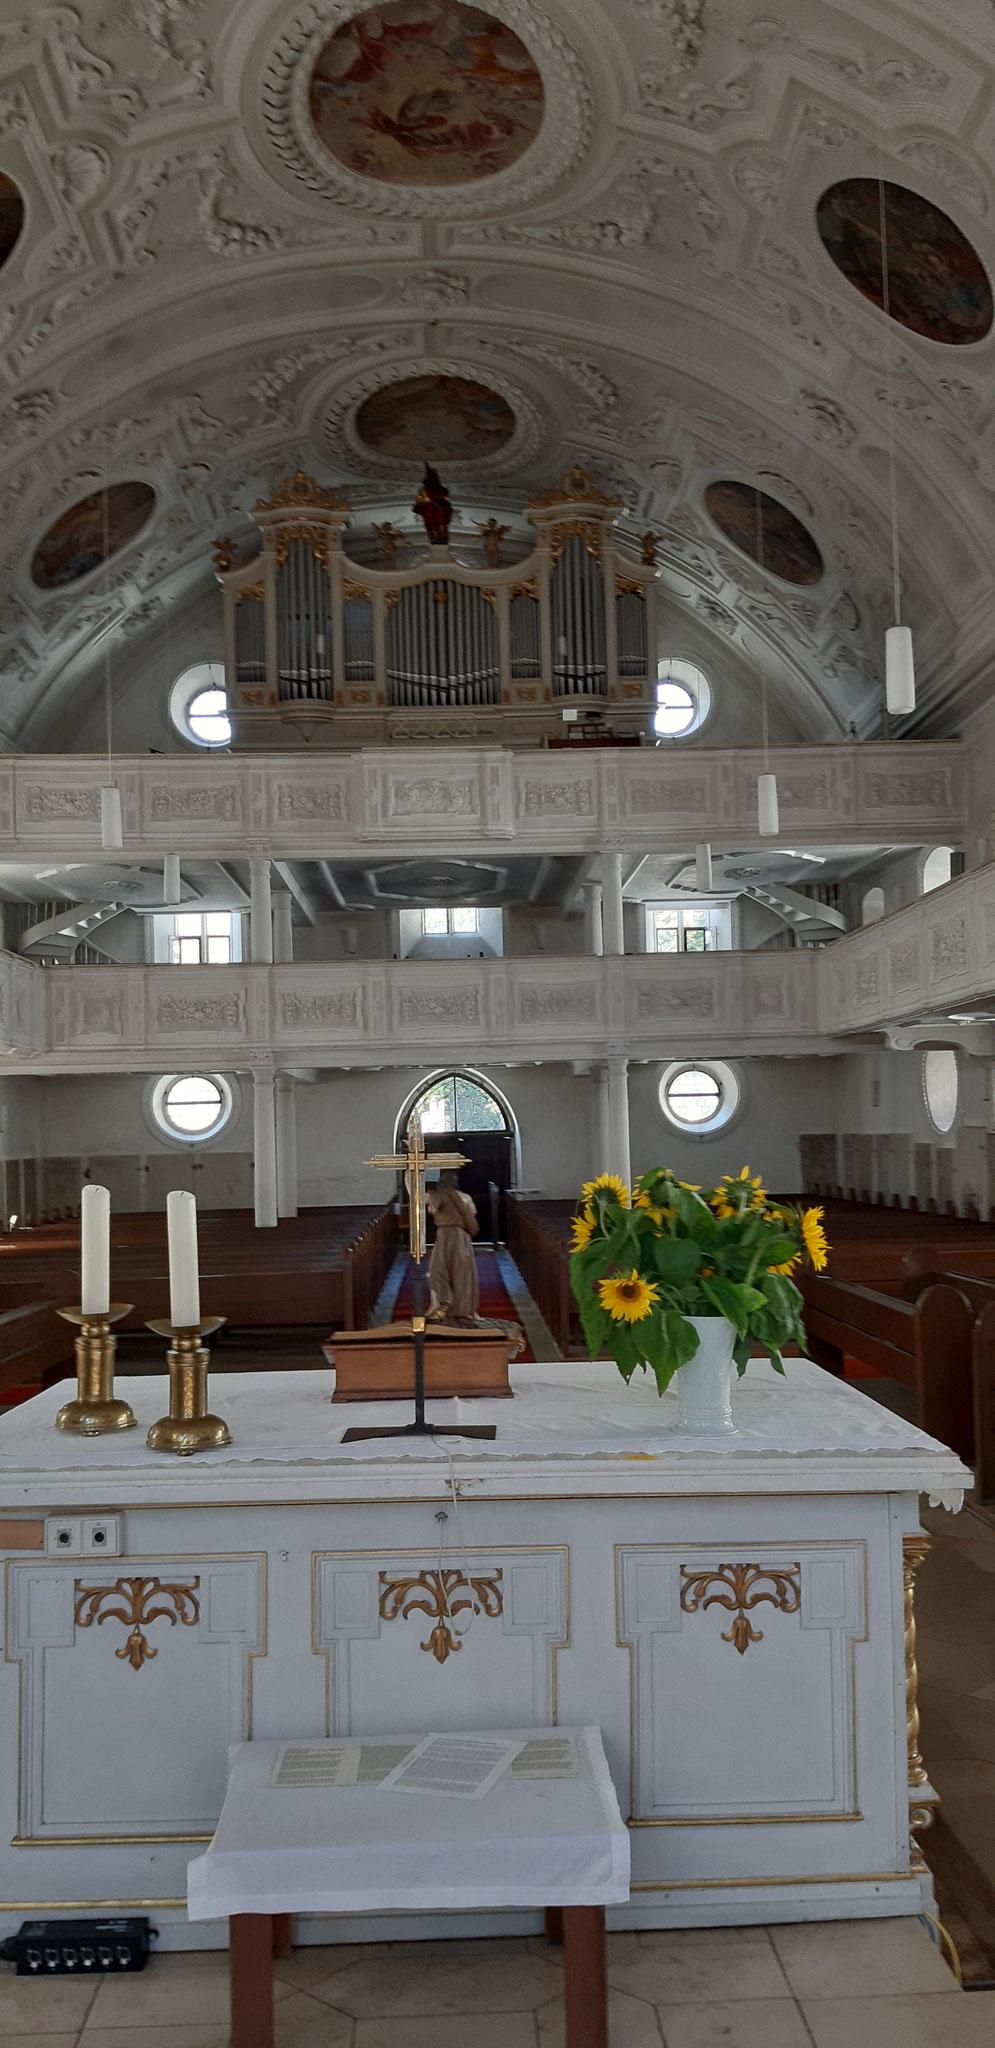 das imposante Langhaus mit der Orgel